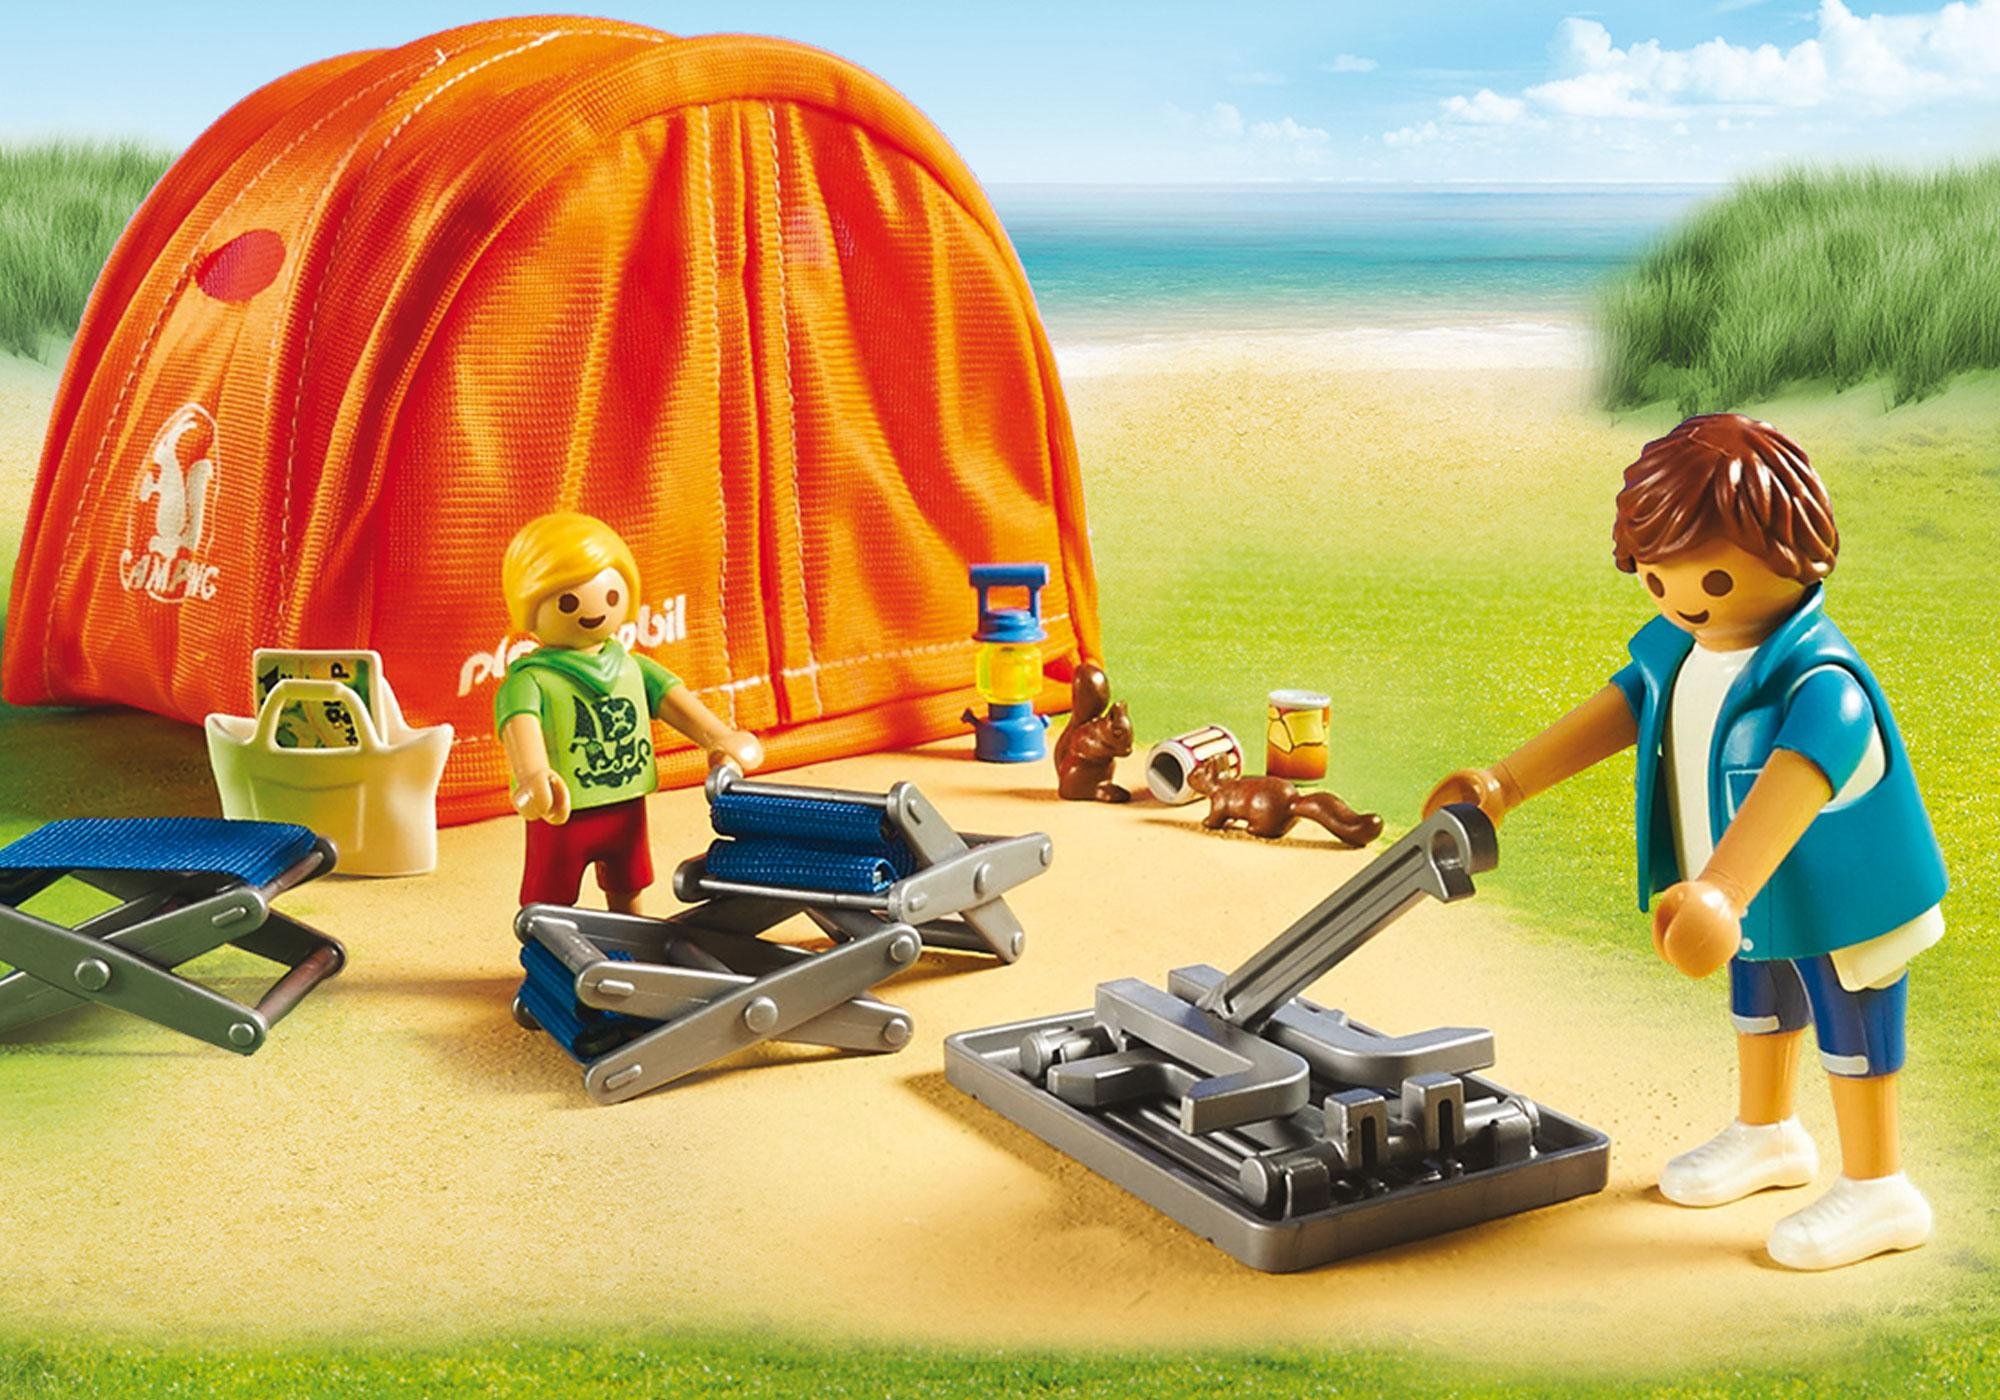 http://media.playmobil.com/i/playmobil/70089_product_extra2/Campingtur med stort tält